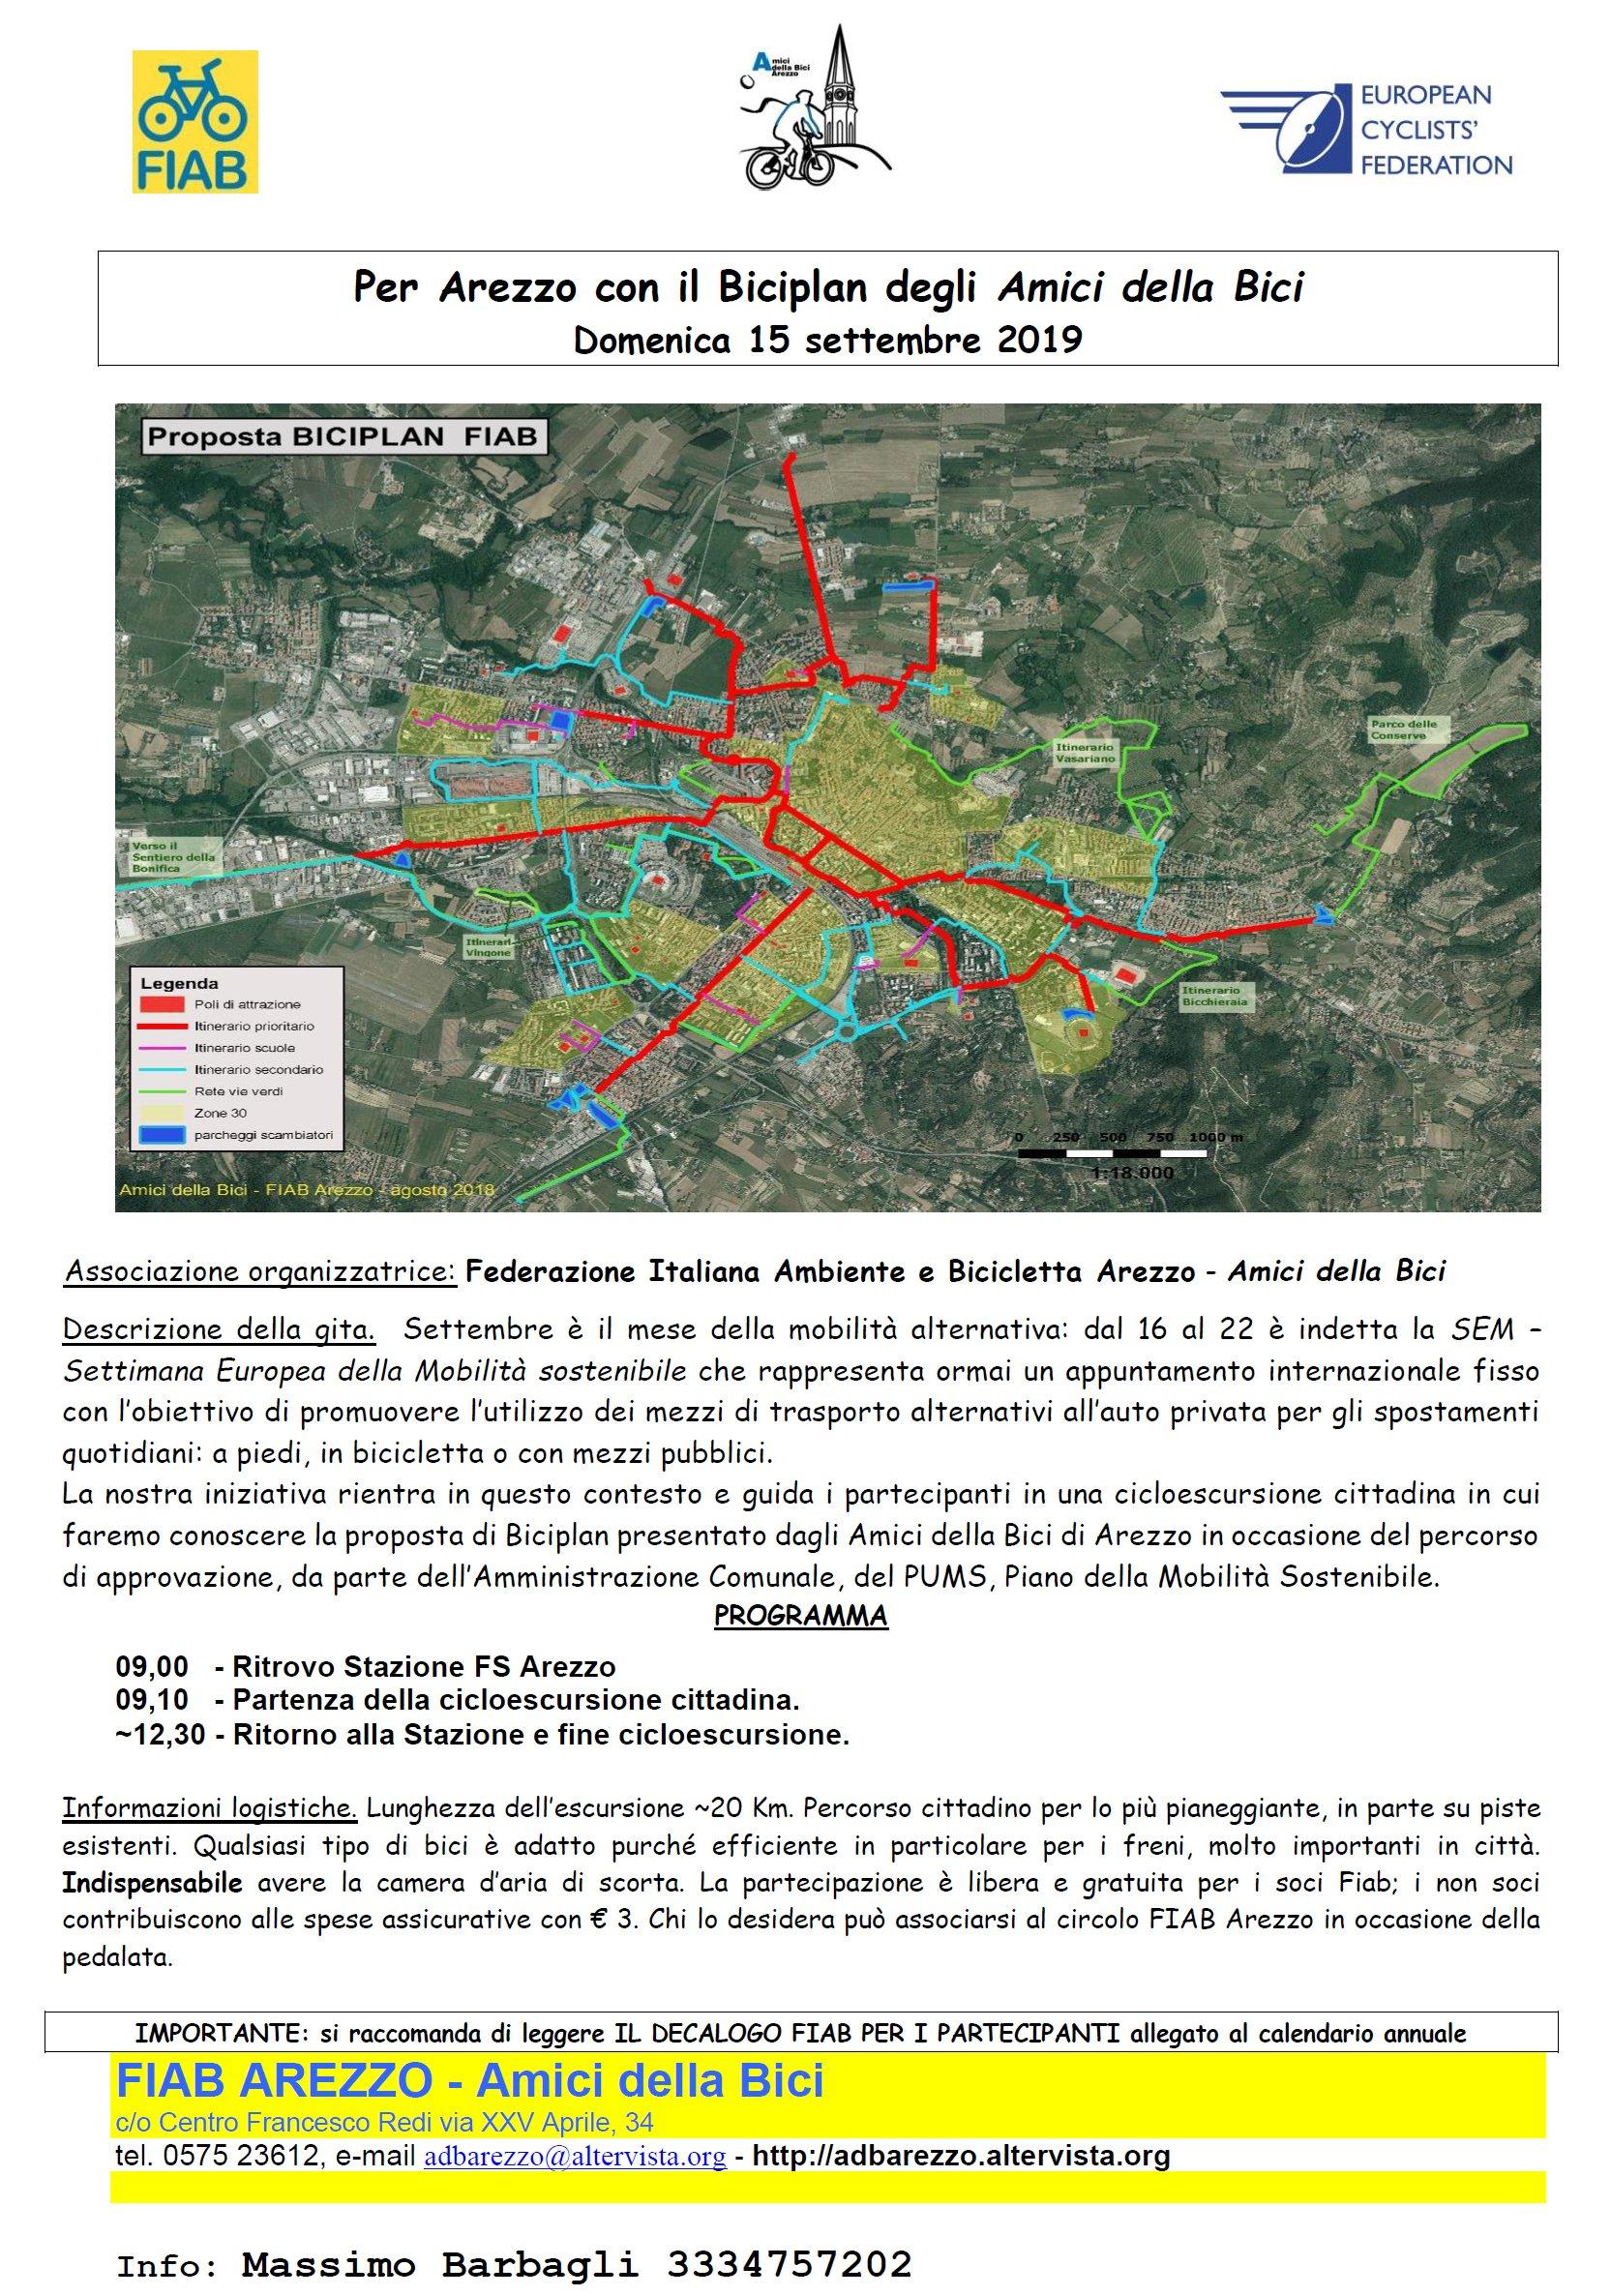 Settimana Europea mobilità sostenibile - in bici ad Arezzo con Fiab